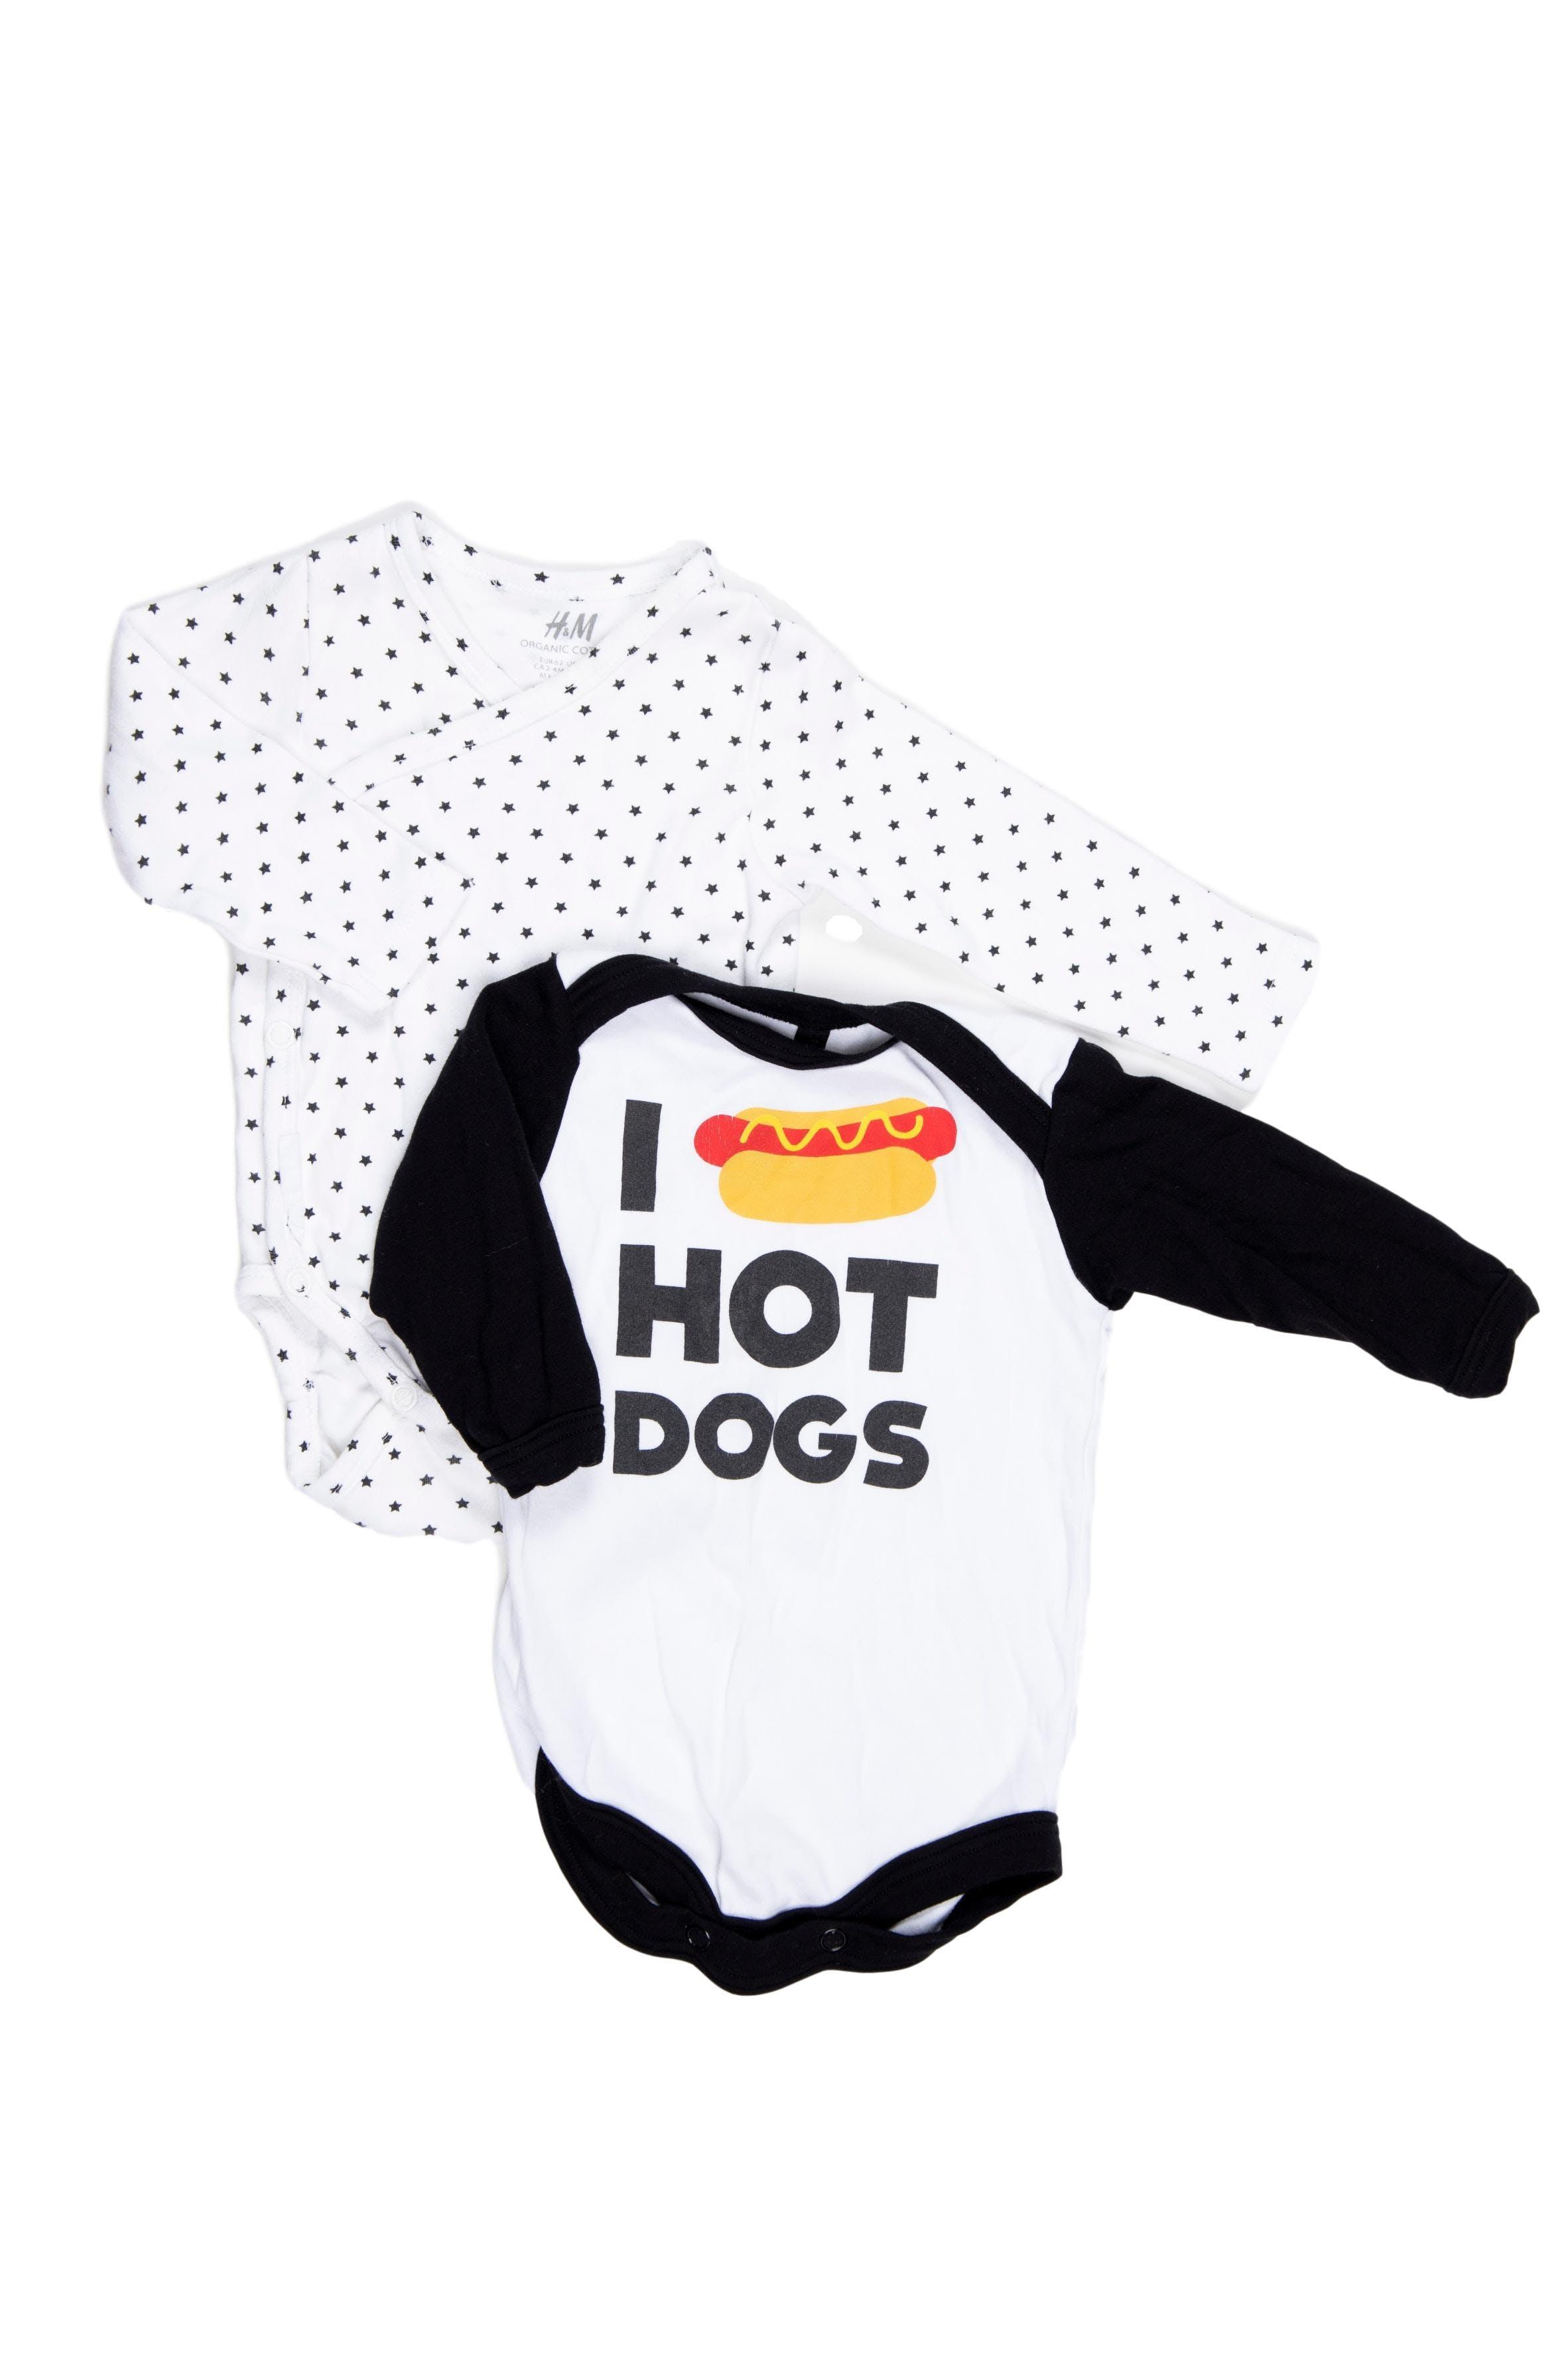 Pack de 2 bodies. Uno blanco con estrellitas negras, H&M (talla en etoqueta 2 - 4 M), otro estampado de hot dog, marca ñaña, ambos 100% algodón. - H & M